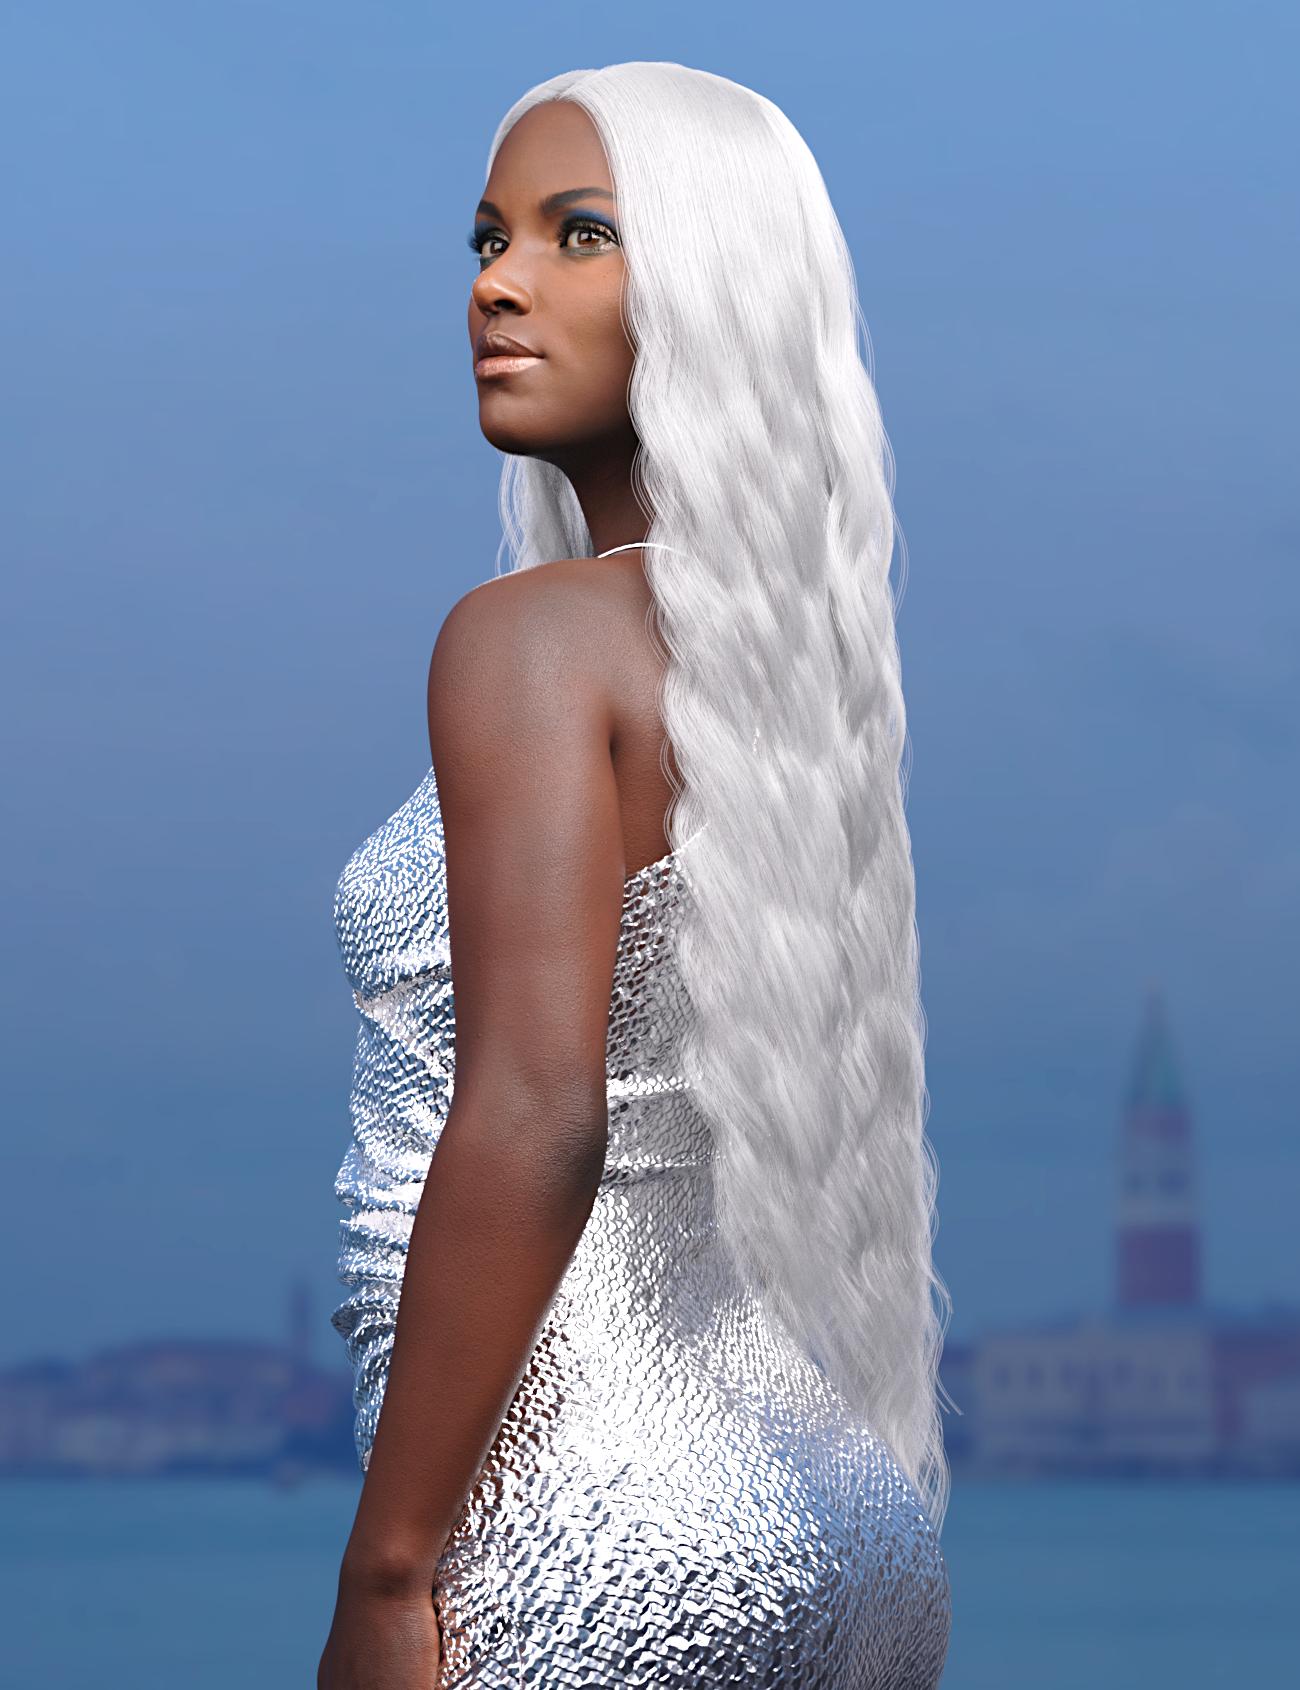 dForce Mermaid Hair for Genesis 8 and 8.1 Females by: Toyen, 3D Models by Daz 3D